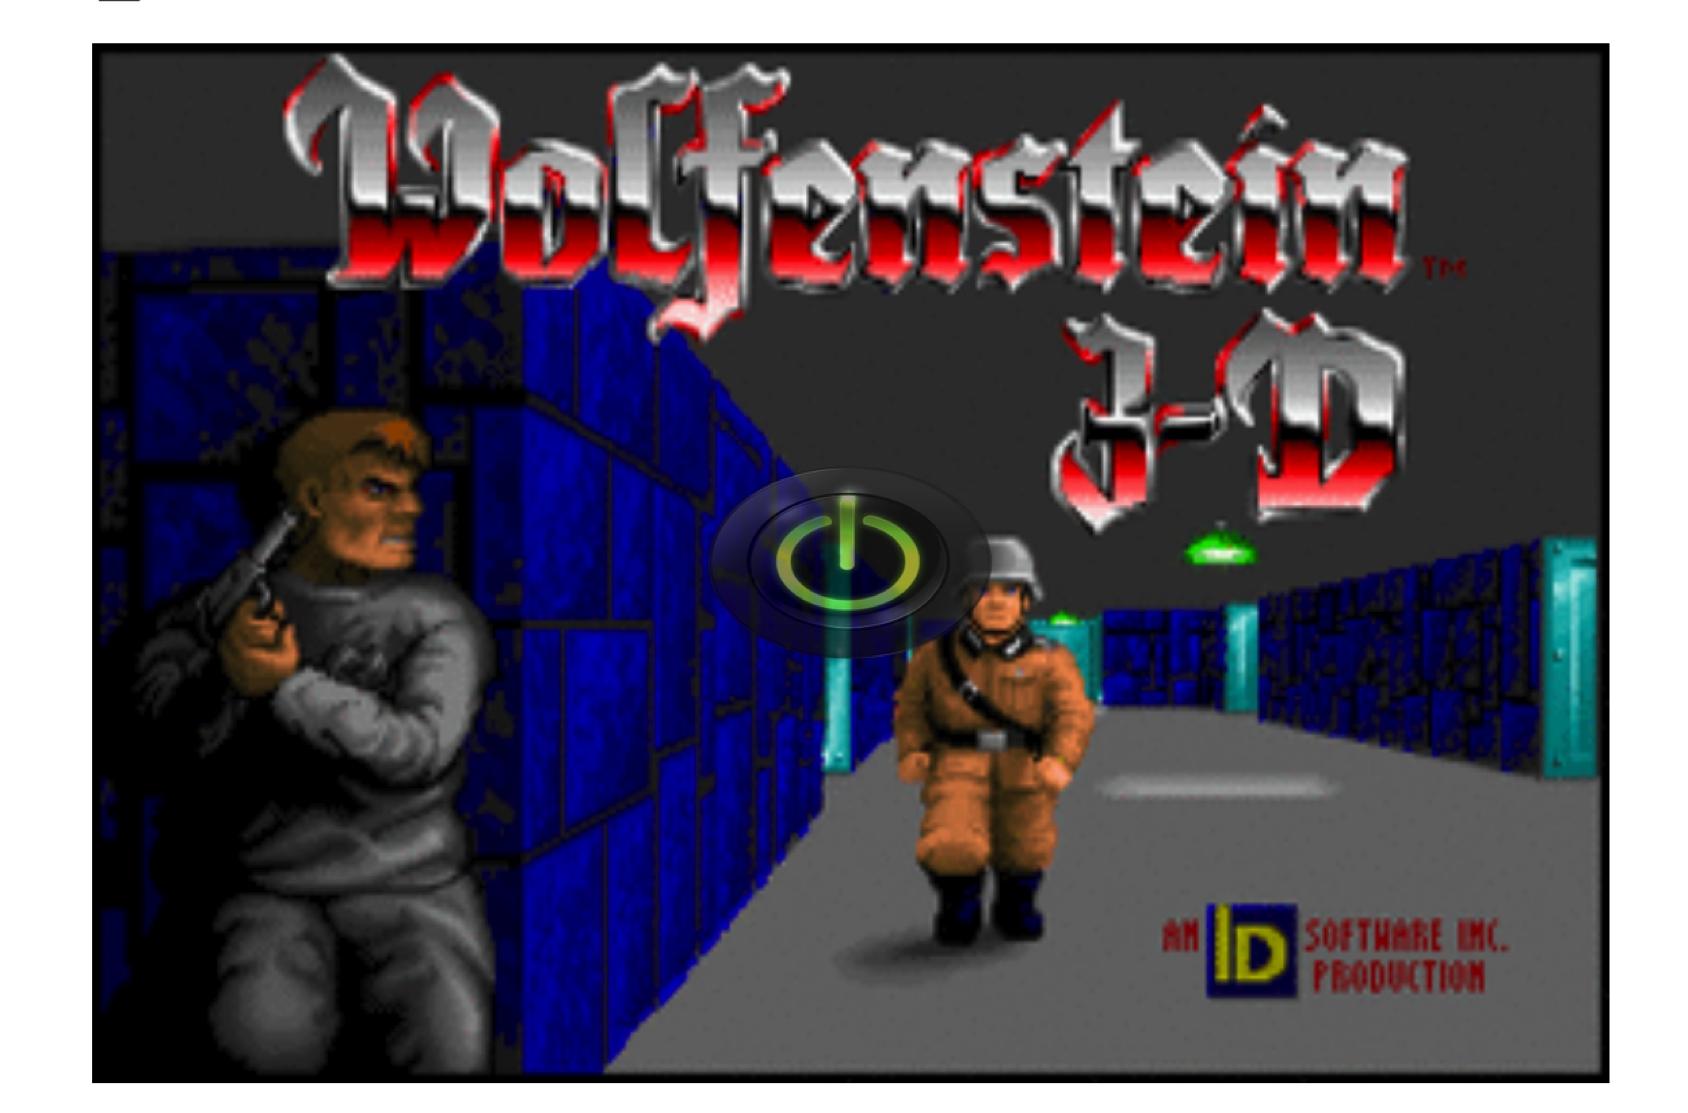 Wolfenstein 3D played on Twitter